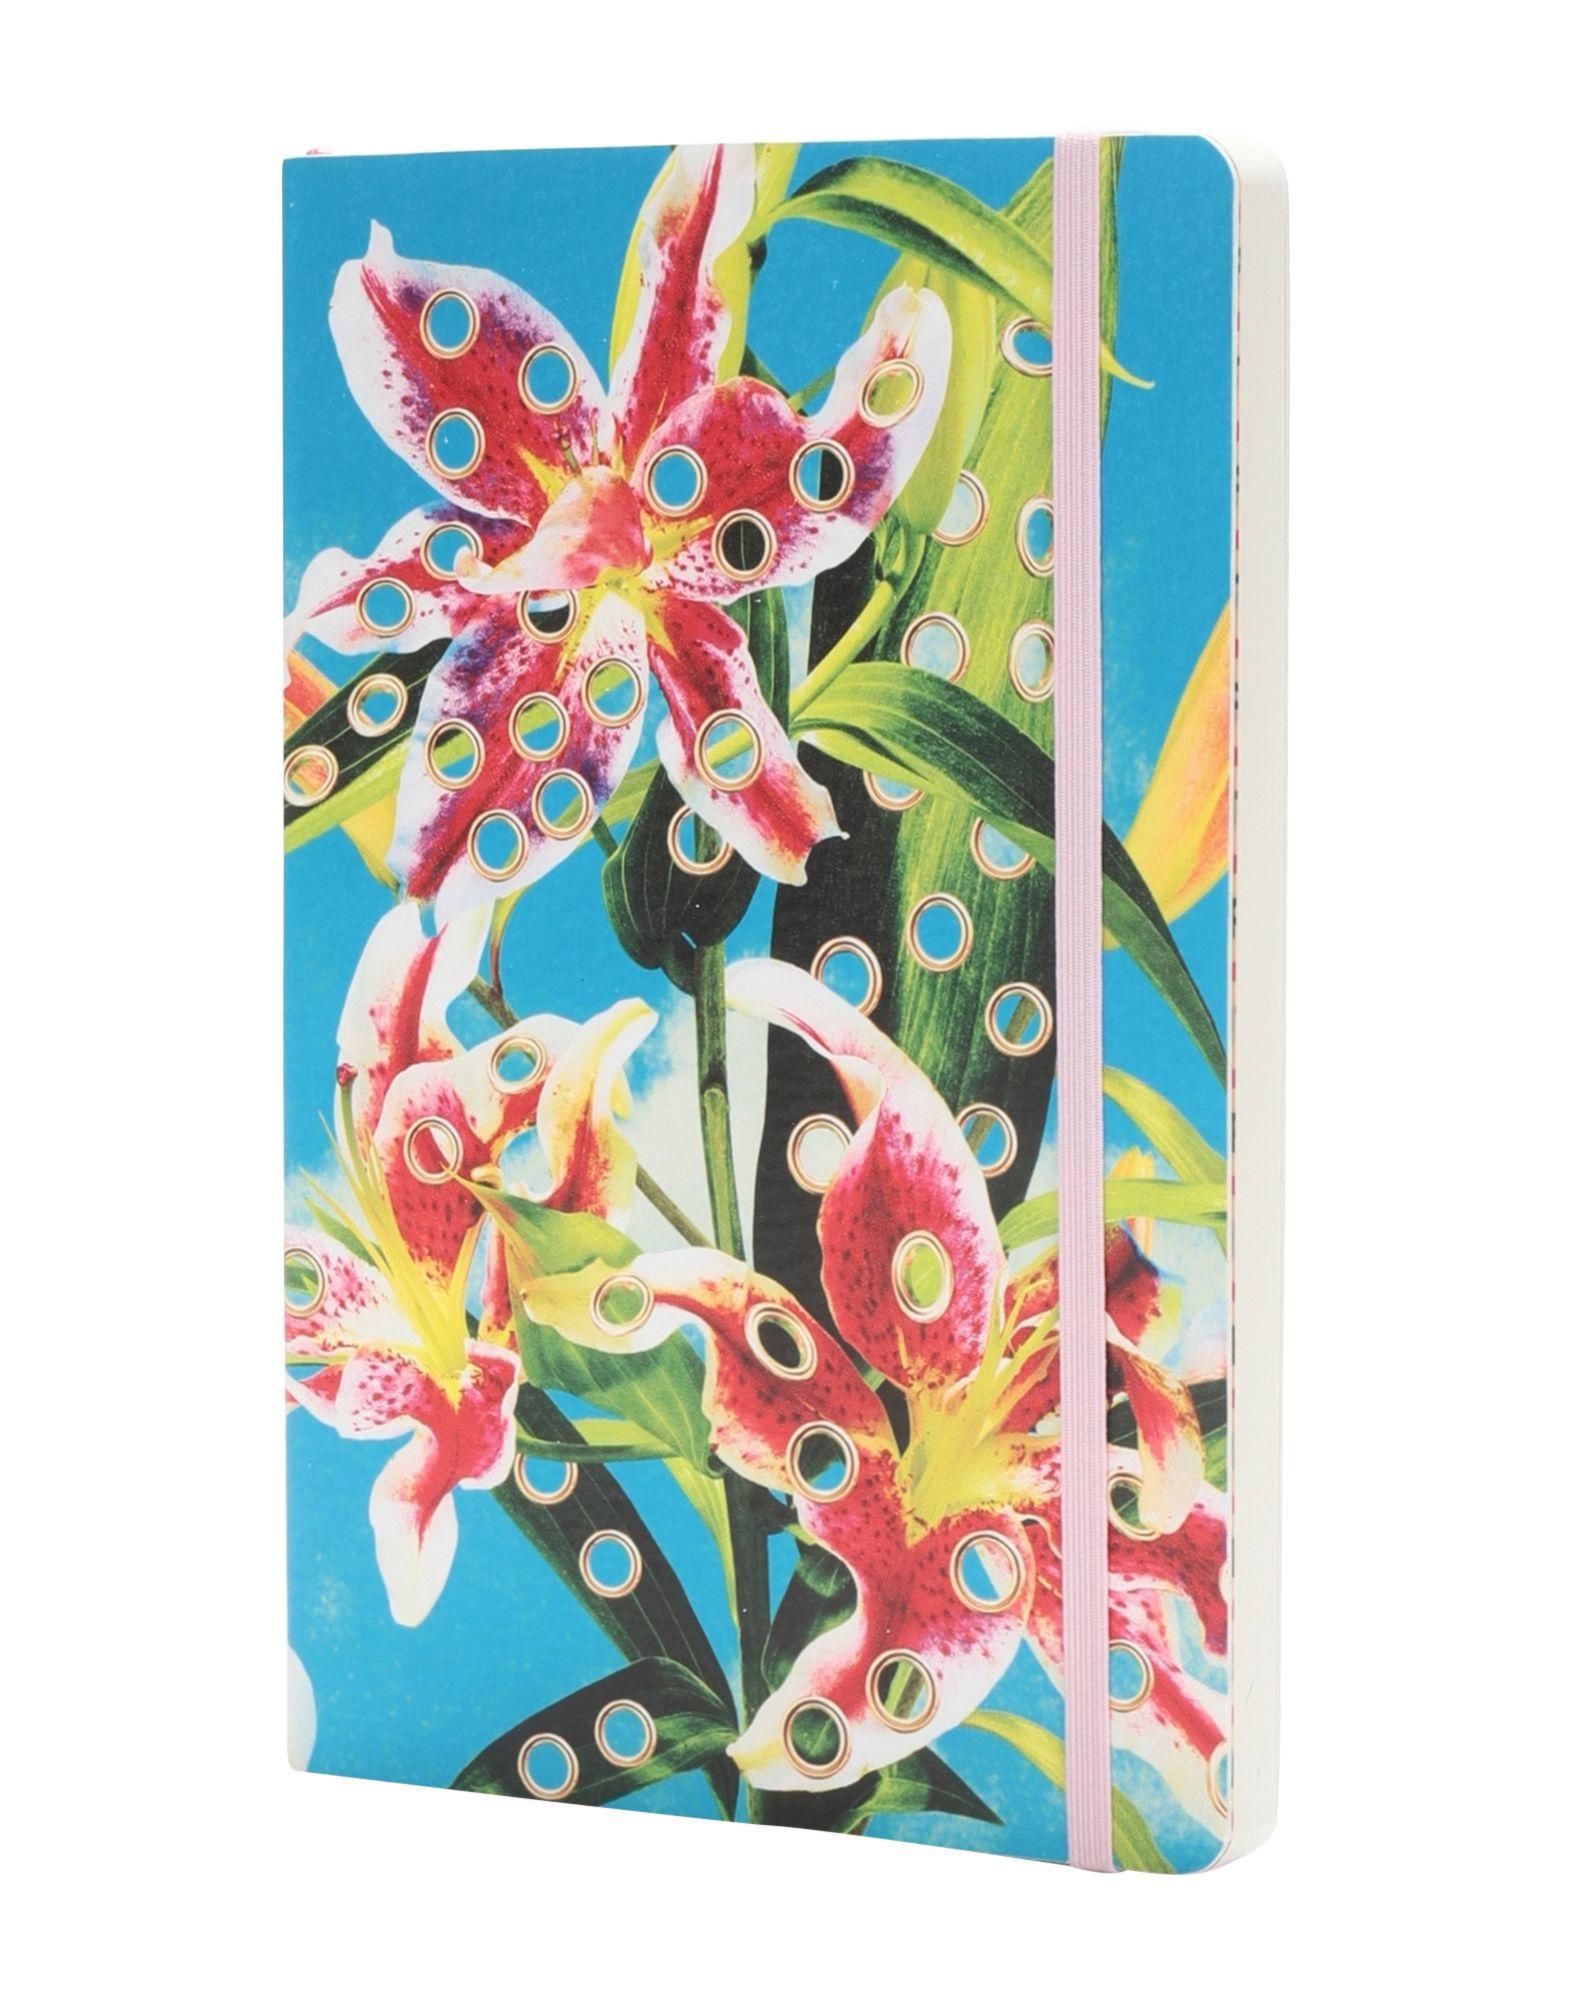 Фото - SELETTI WEARS TOILETPAPER Записная книжка seletti wears toiletpaper поднос